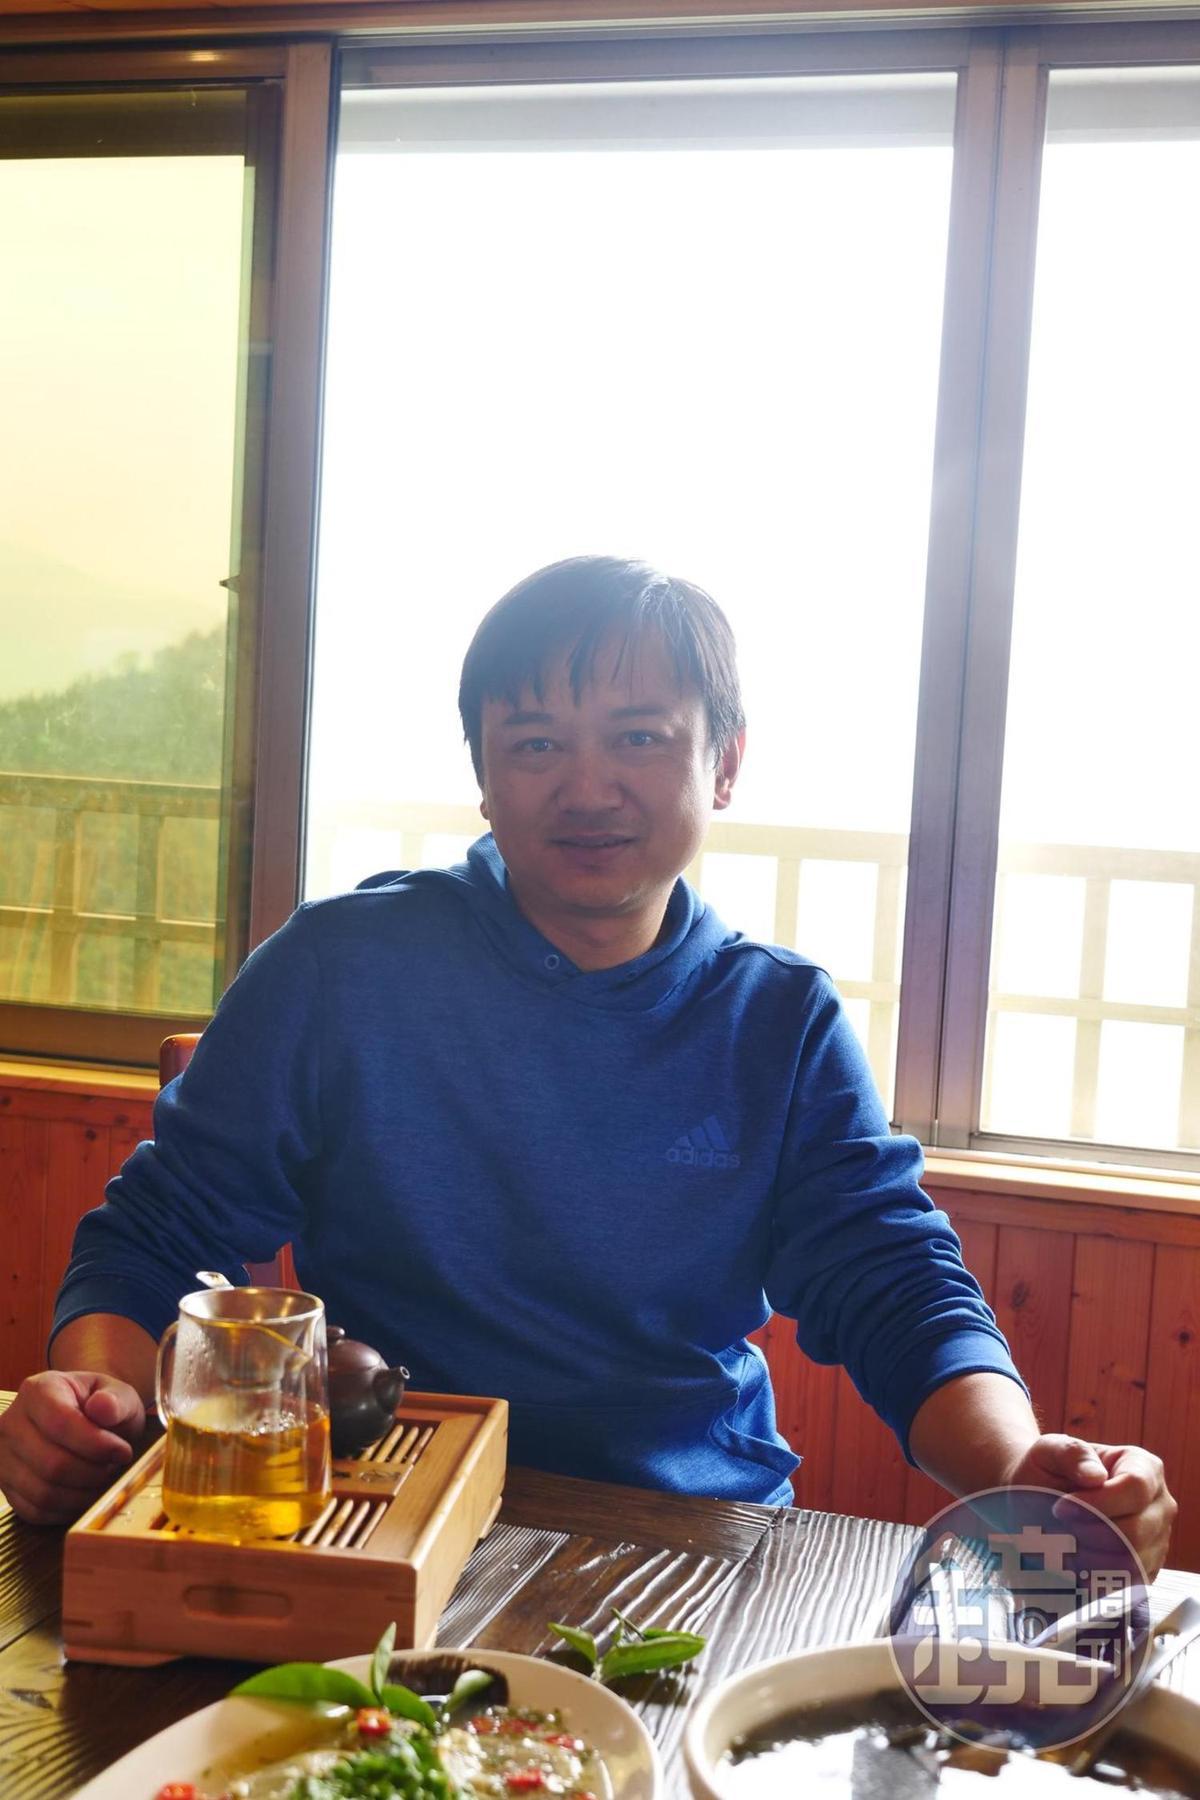 製茶廠第二代老闆黃昶豪笑說自己的廚藝是遺傳媽媽。